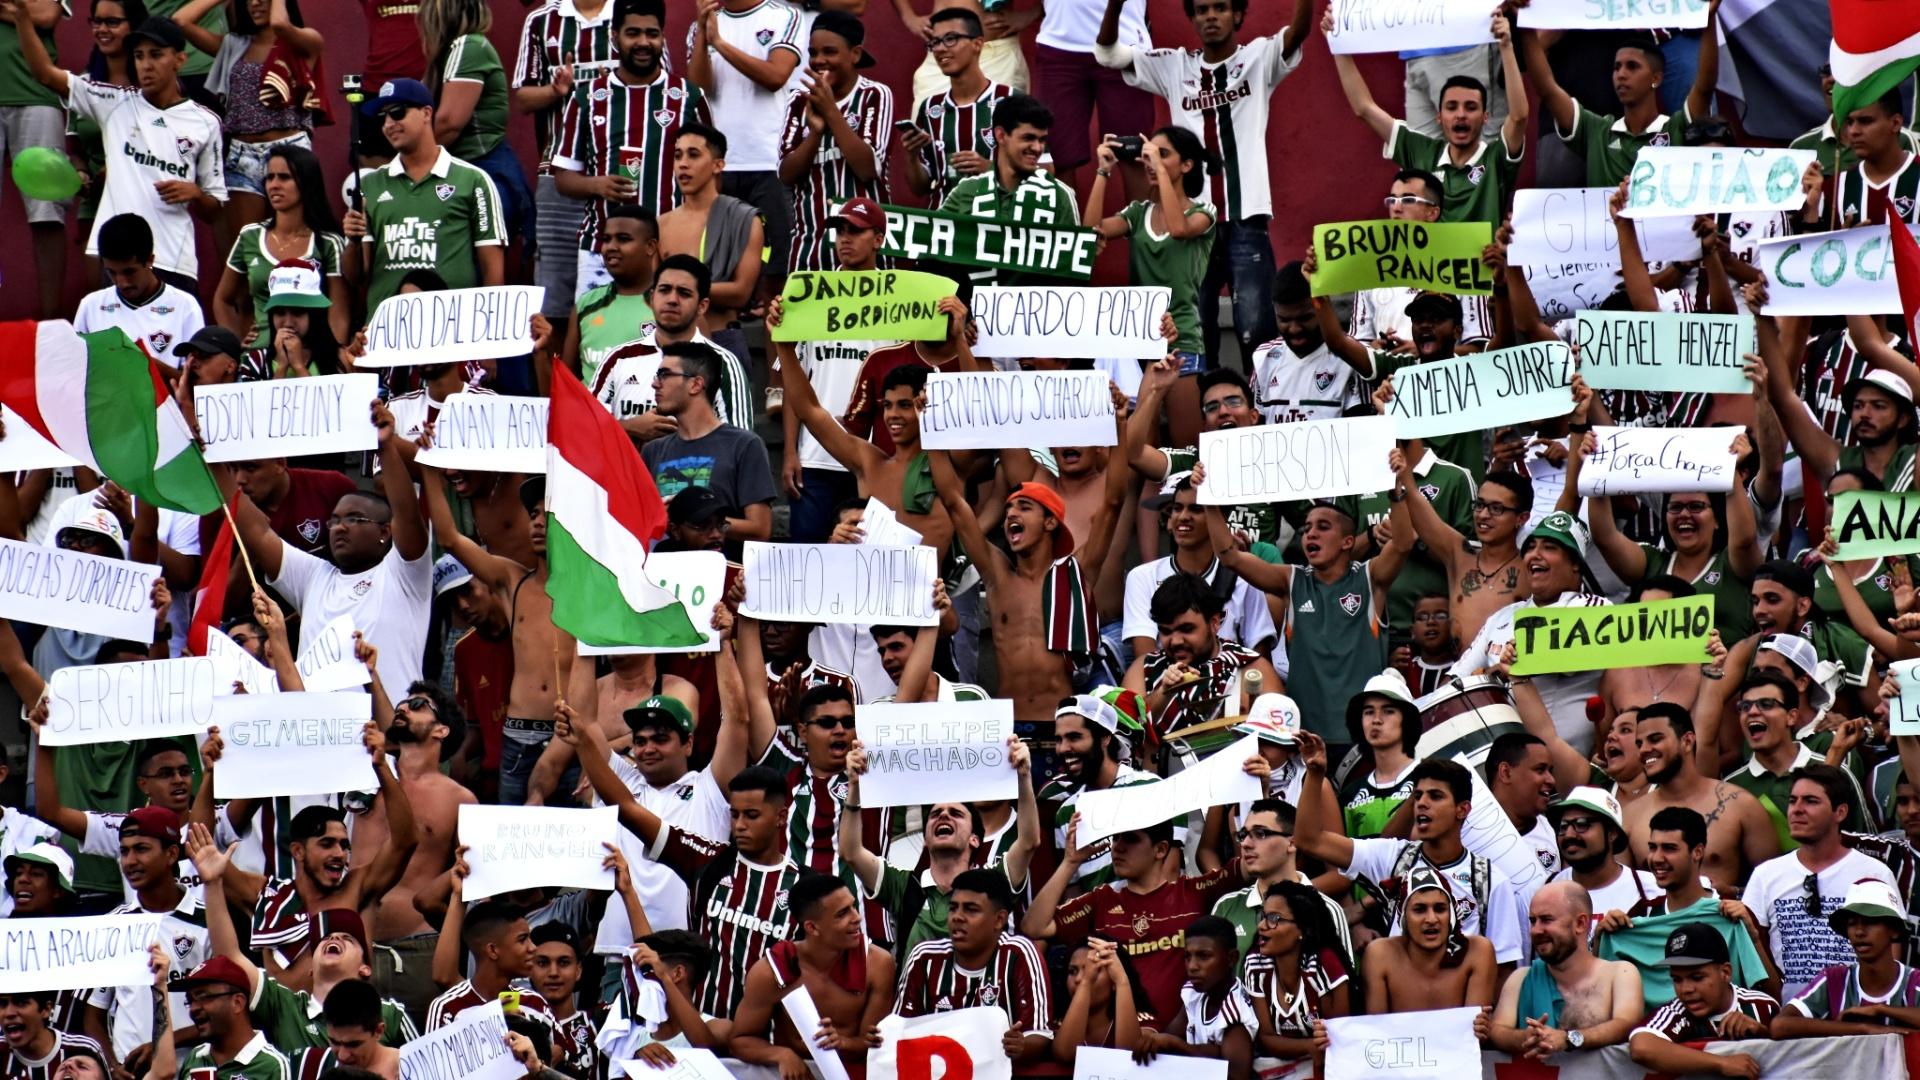 Torcida do Fluminense presta homenagens a passageiros do voo da Chapecoense na partida contra o Internacional